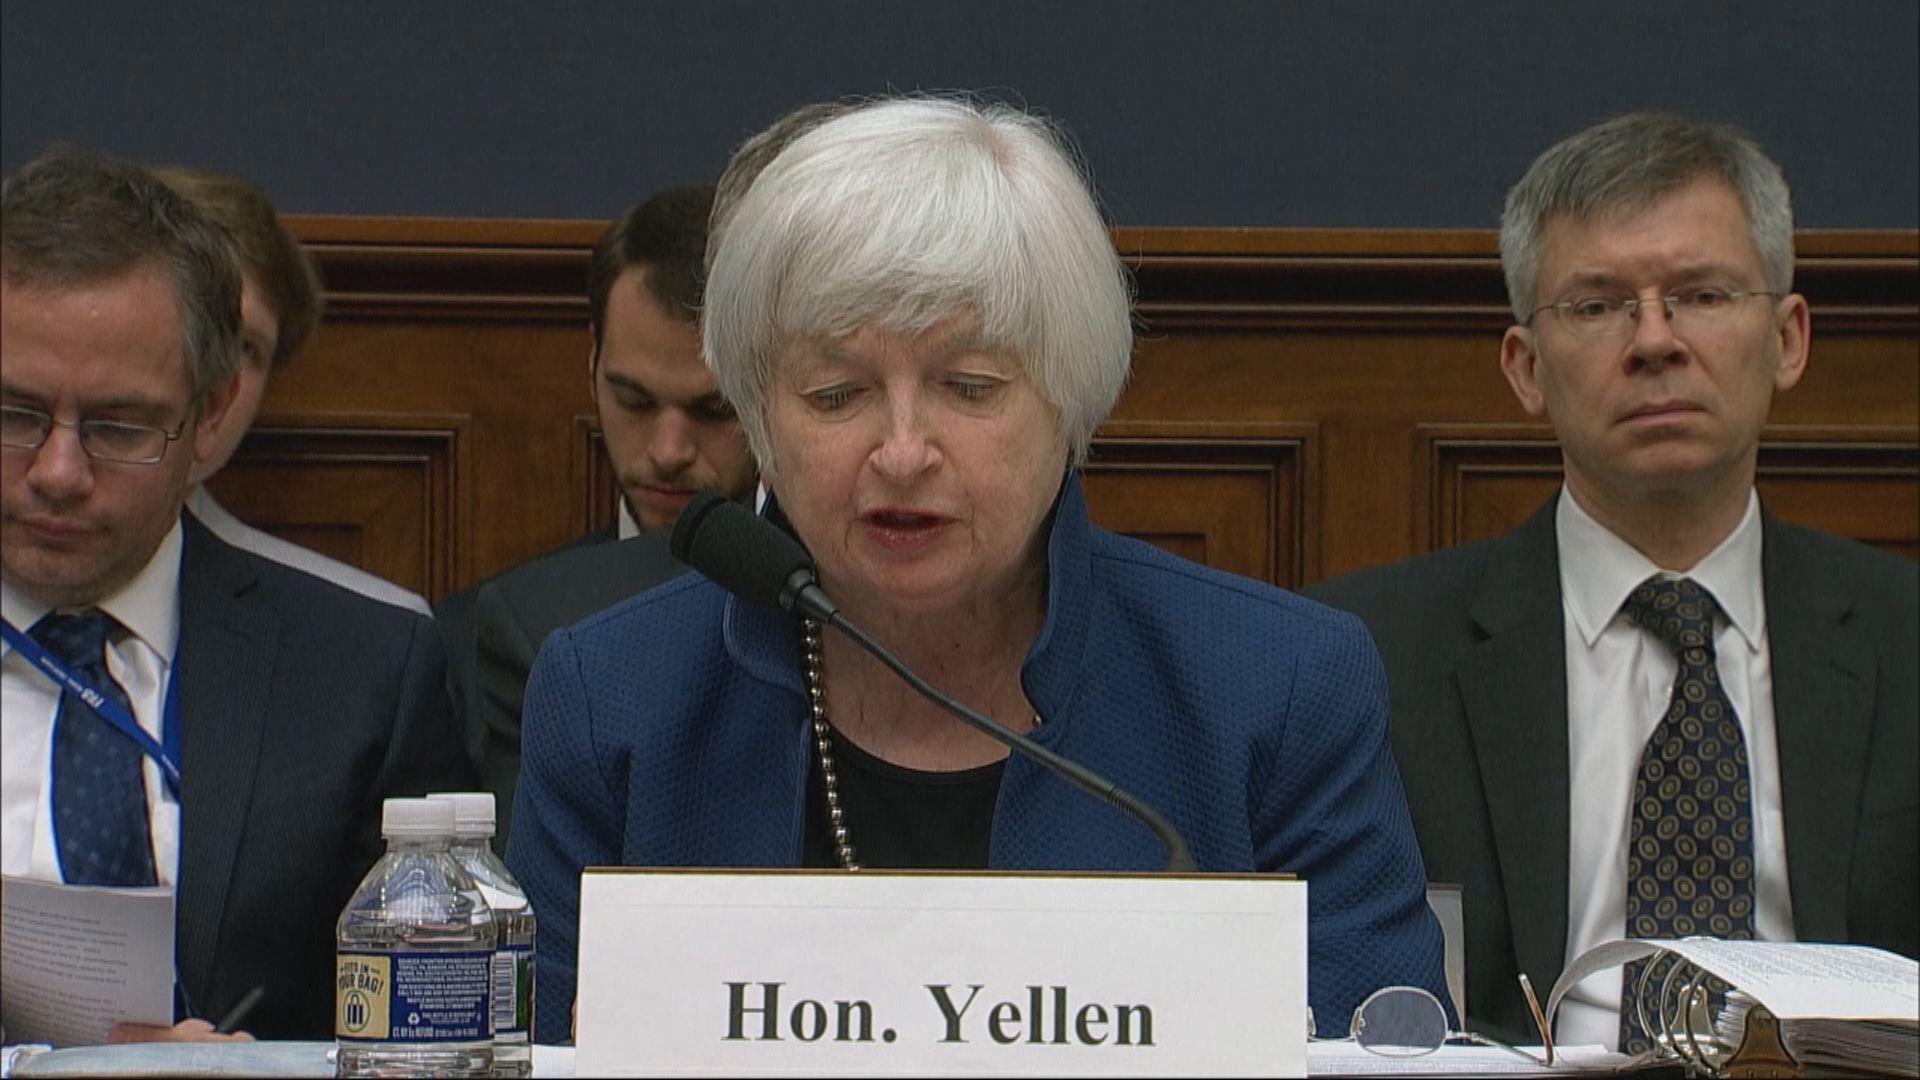 耶倫:美國經濟未來幾個月面臨艱難處境